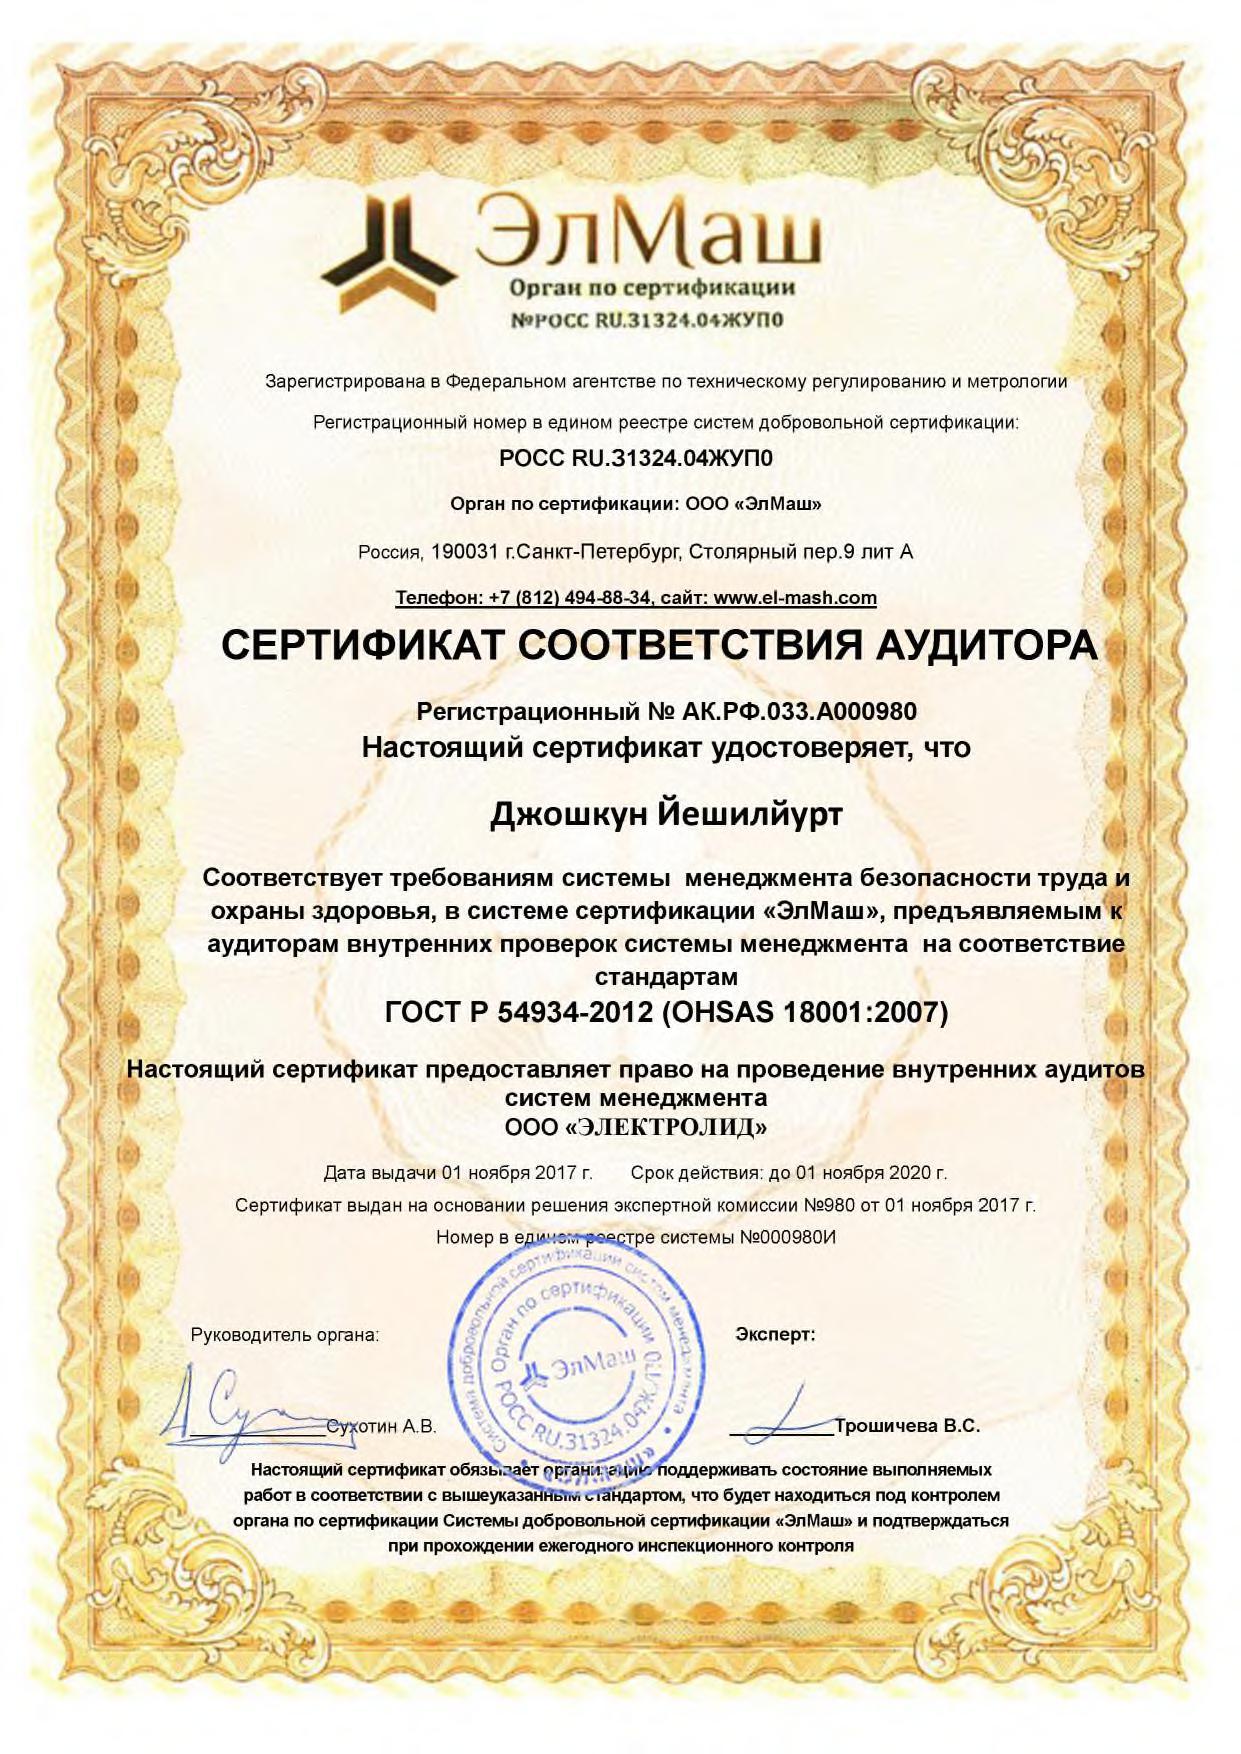 Сертификат соответствия аудитора Джошкун Йешилйурт на проведение внутренних аудитов